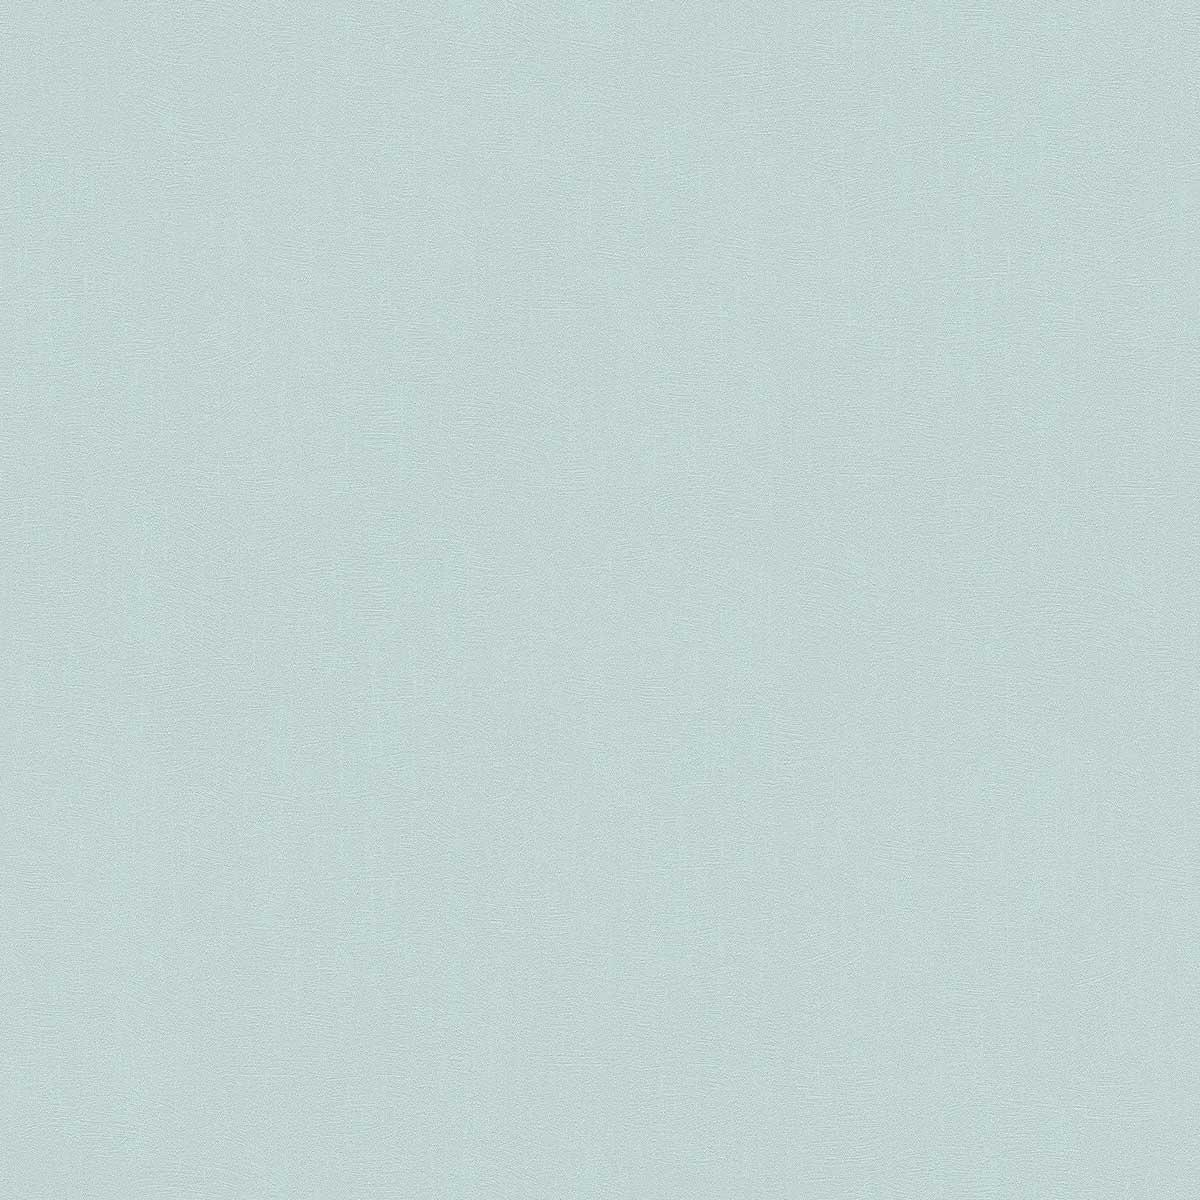 Papier Peint Uni et Coloré - BLEU GLACIER - 10 ml x 0,53 m